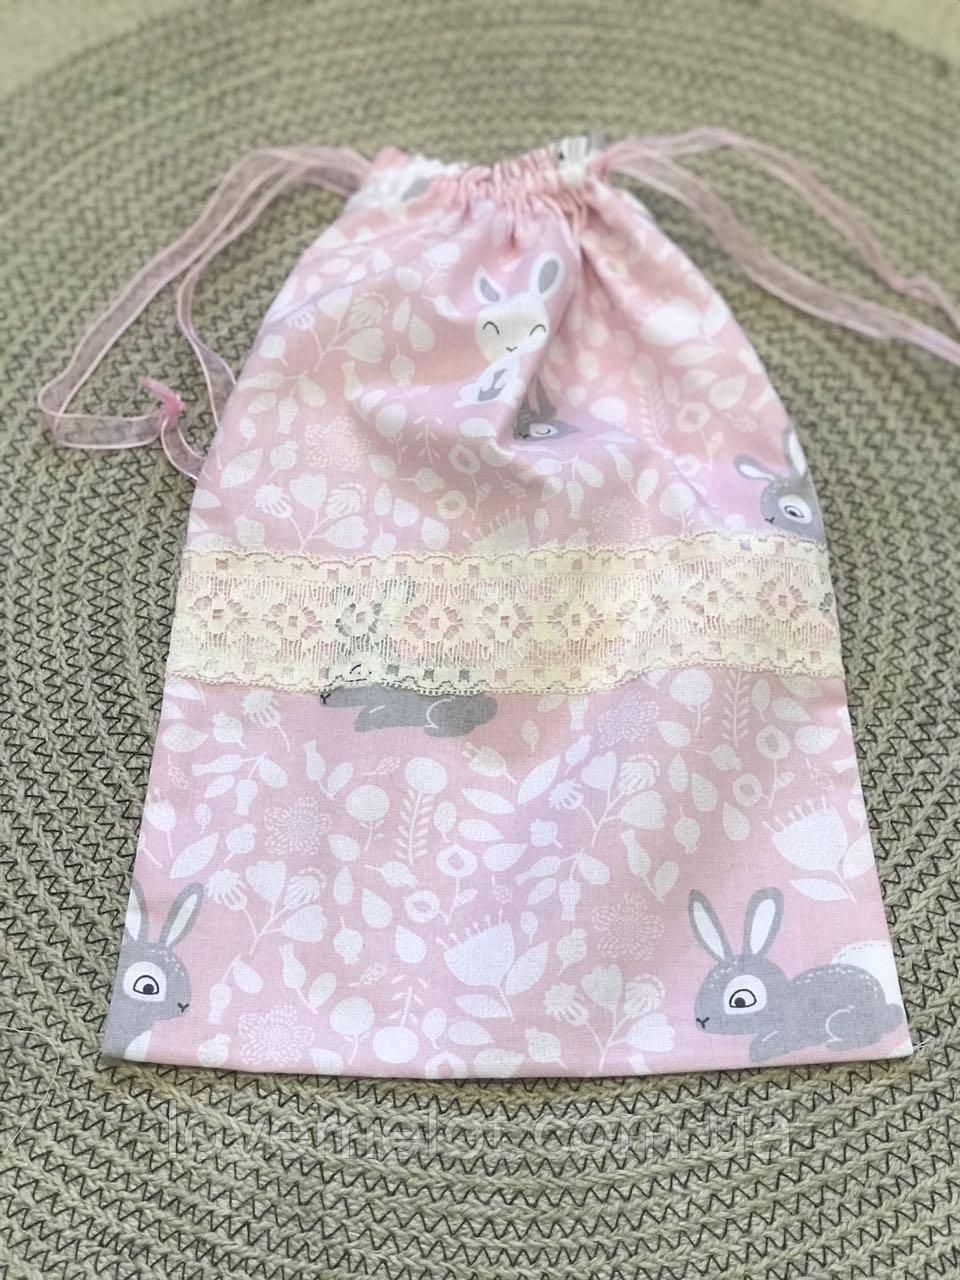 Эко мешочки для вещей и продуктов, екоторбинка, хлопковый мешочек многоразовый для хранения